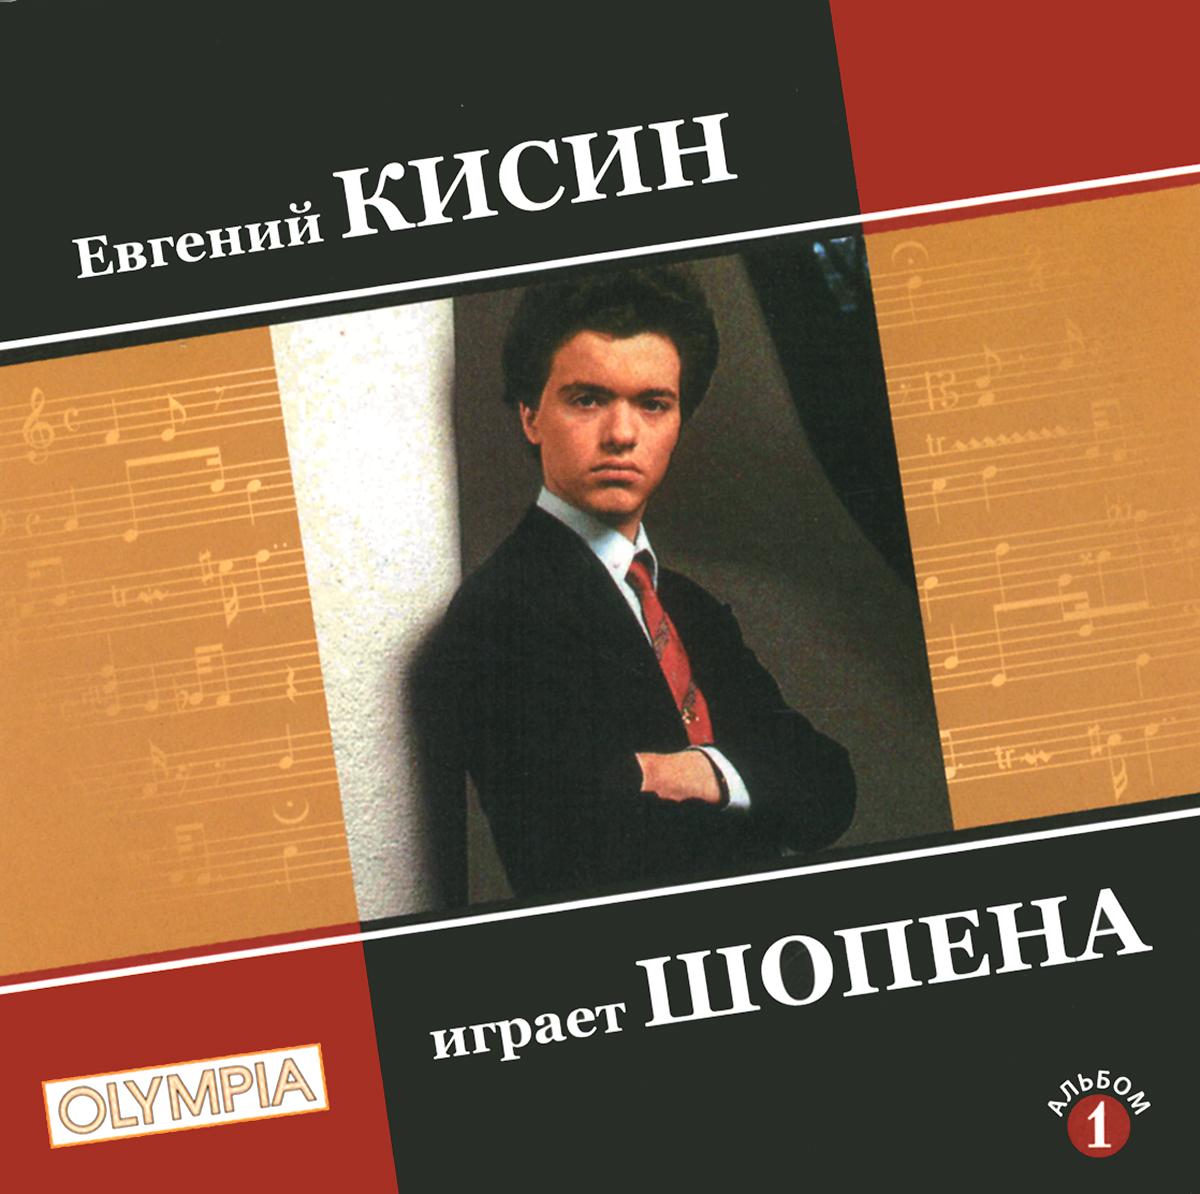 Евгений Кисин Евгений Кисин играет Шопена кисин с в ссср россия лихие девяностые концептуальное подарочное издание